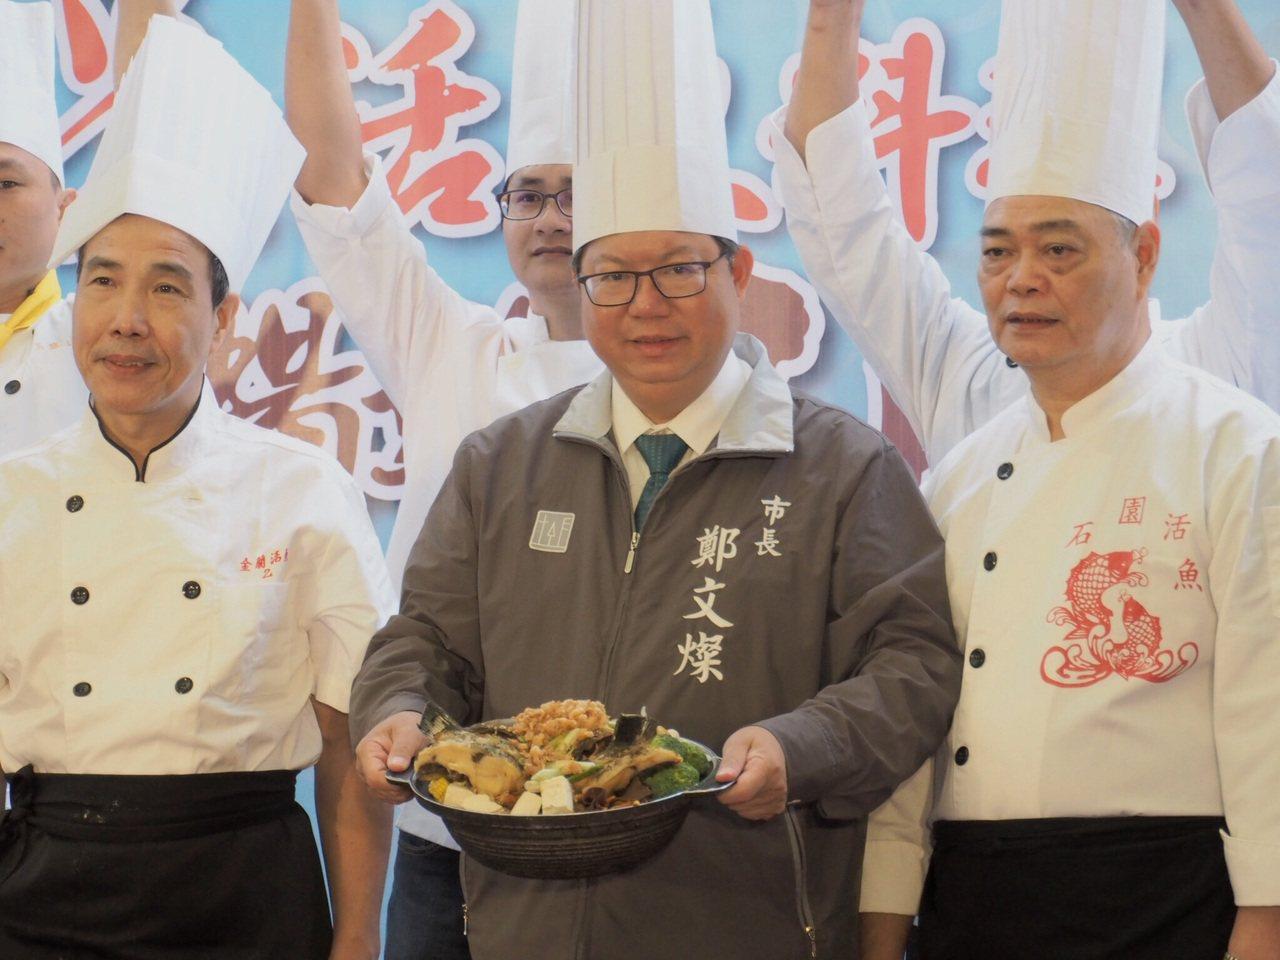 鄭文燦和大廚師們一起宣傳石門活魚節,觀迎大家遊石門風景區嘗美食。記者鄭國樑/攝影